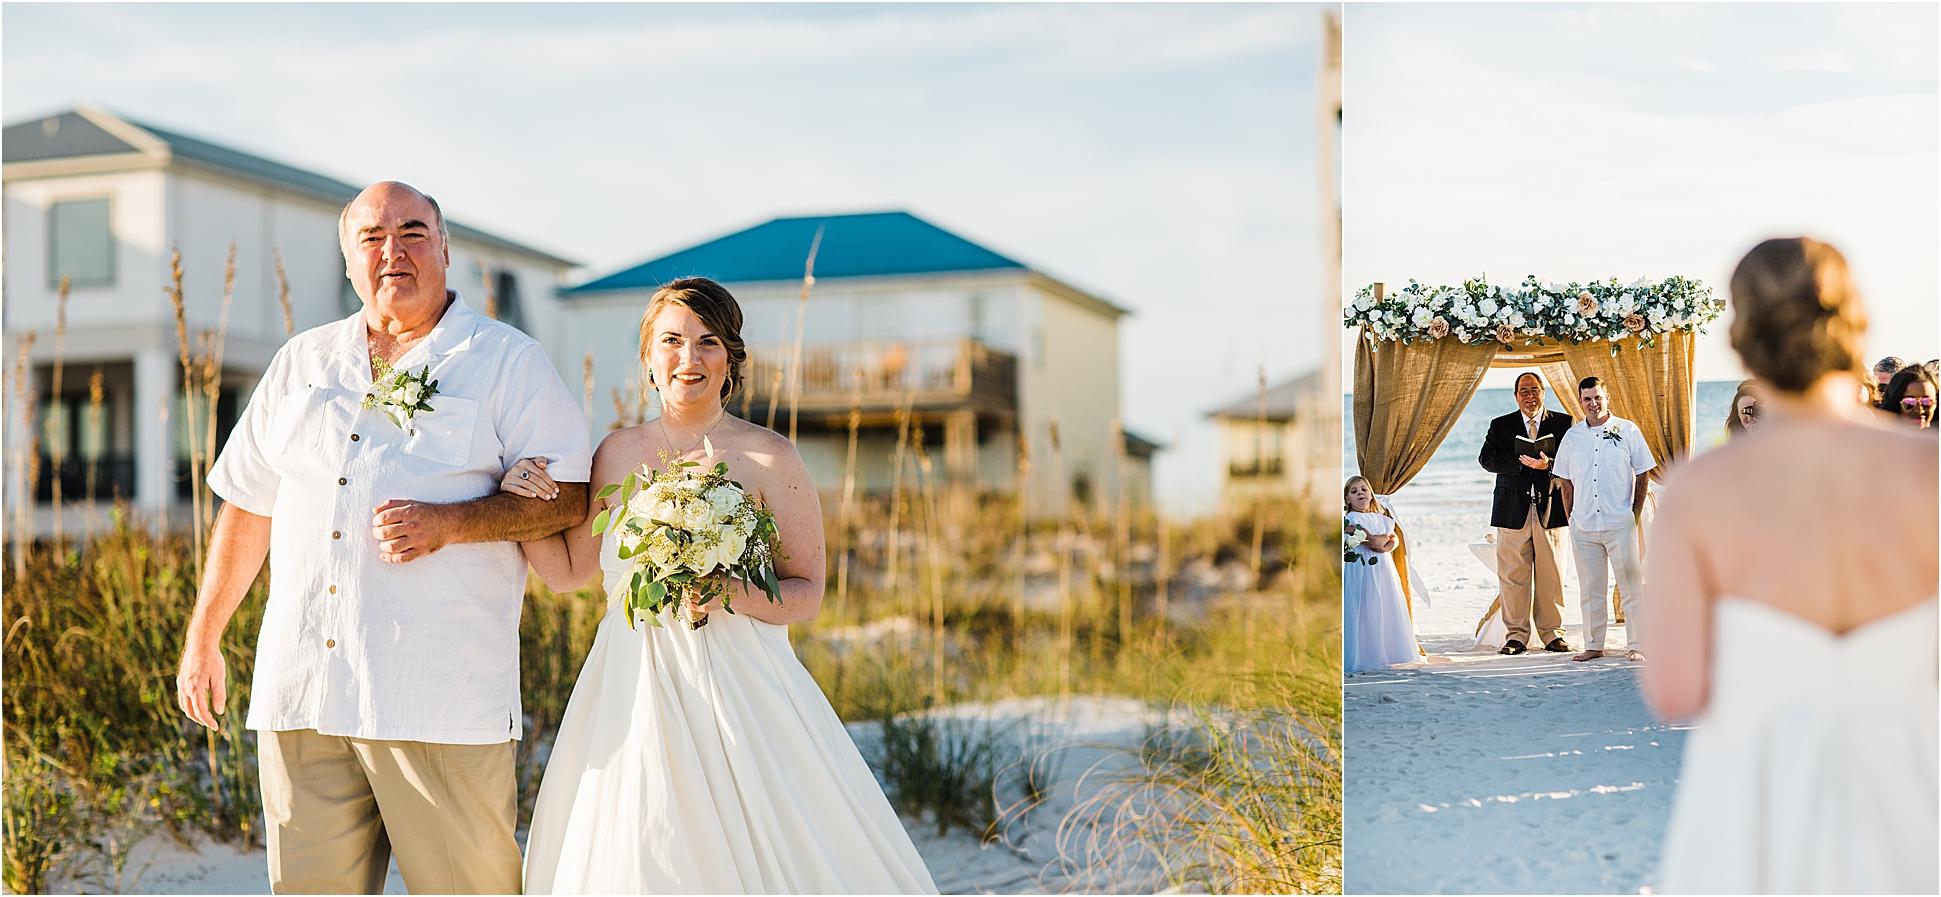 Wedding Planner in Gulf Shores